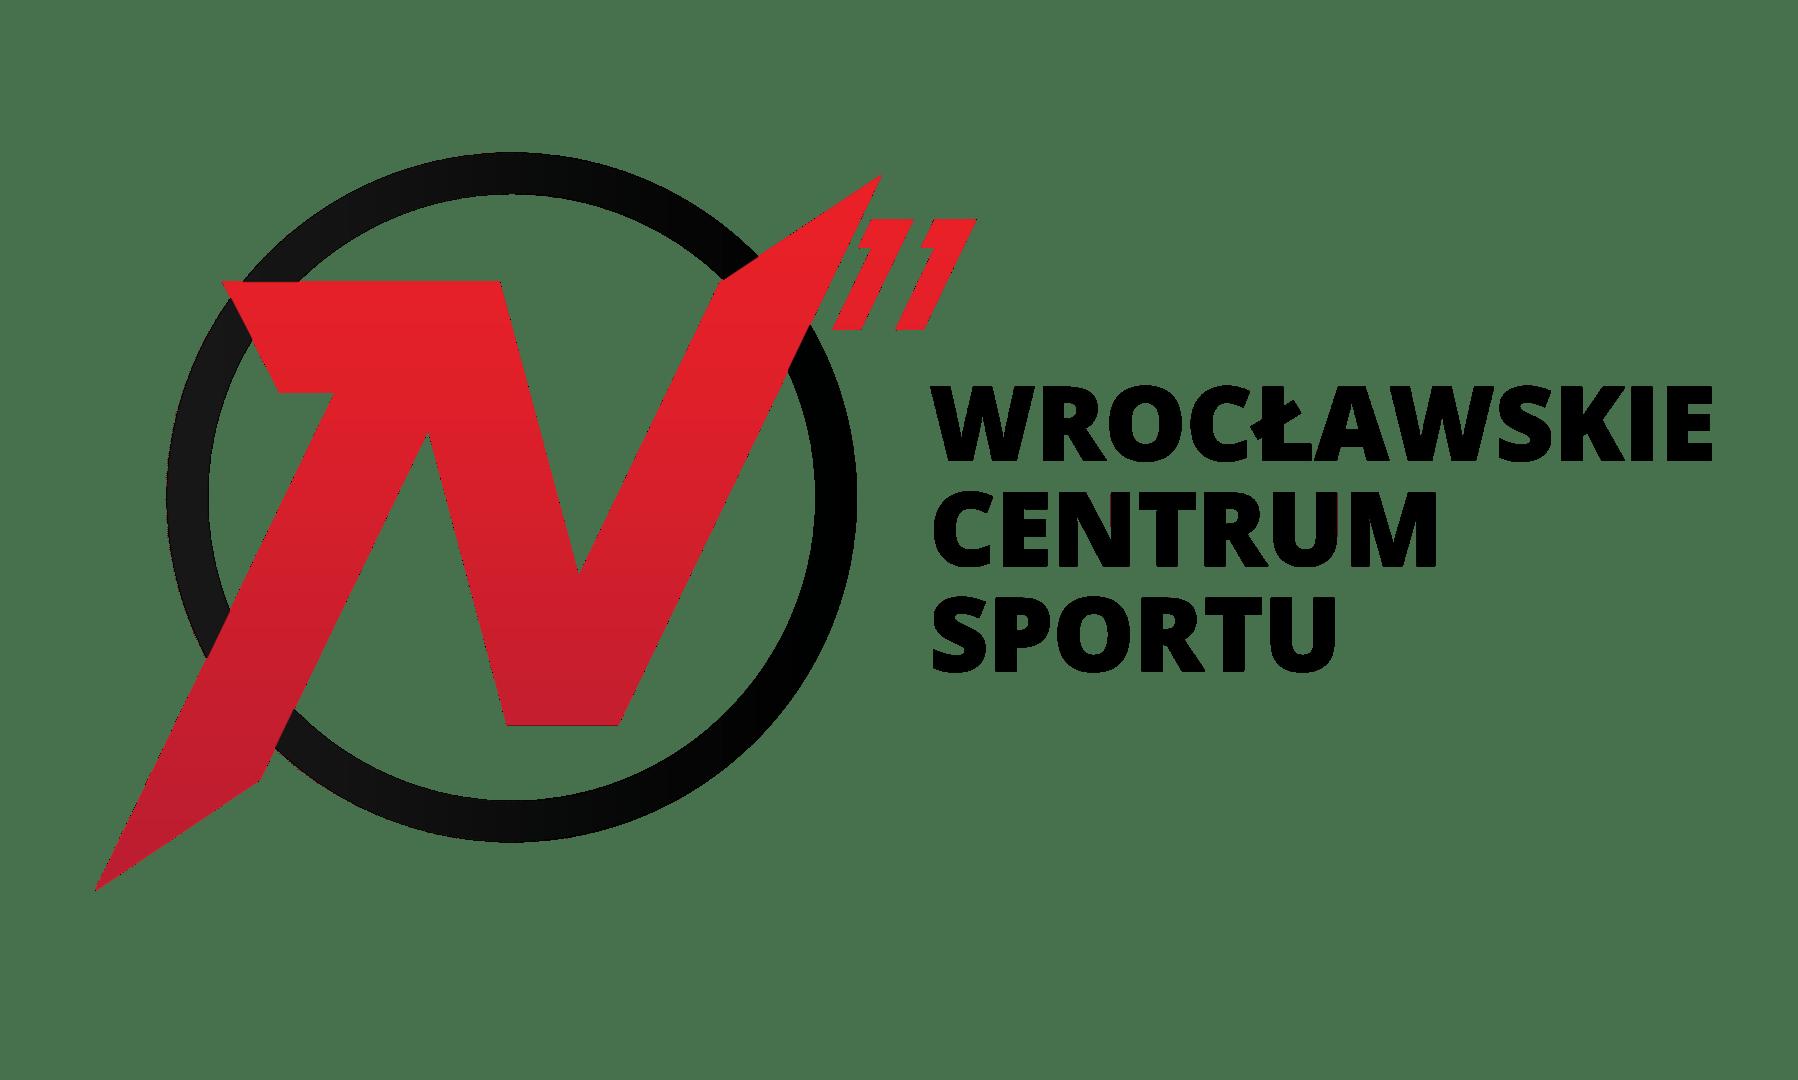 N11 Wrocławskie Centrum Sportu